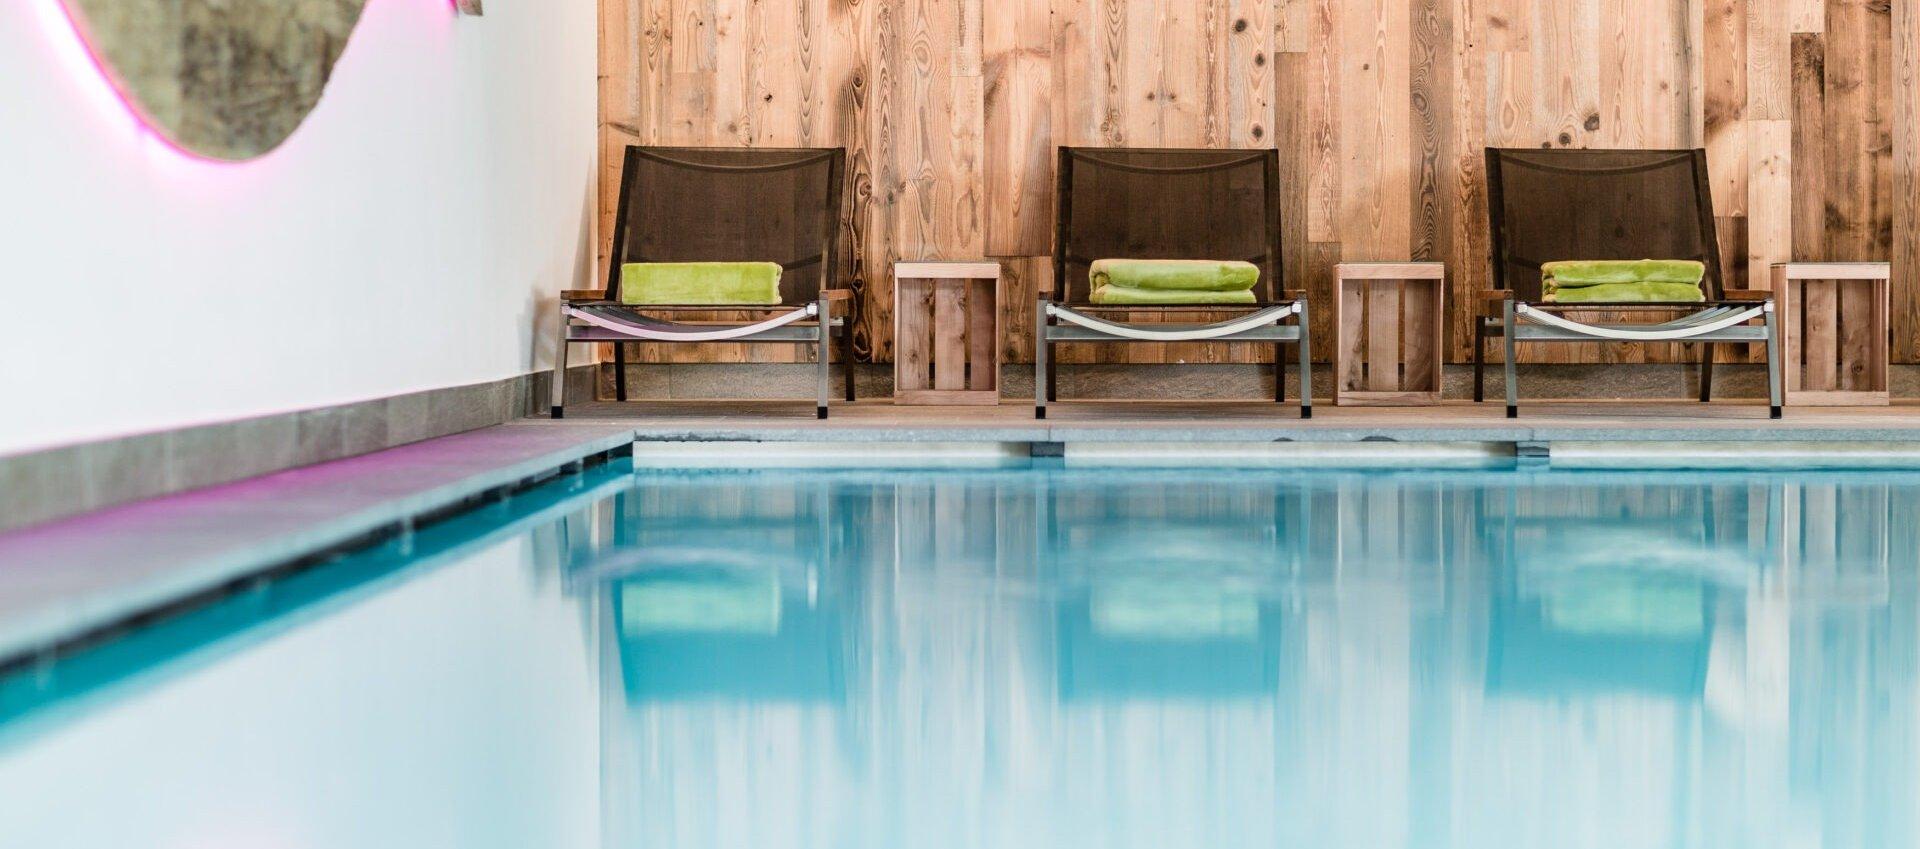 Infinity Pool 4 Sterne Hotel in Lana Pfeiss - Meran - Südtirol